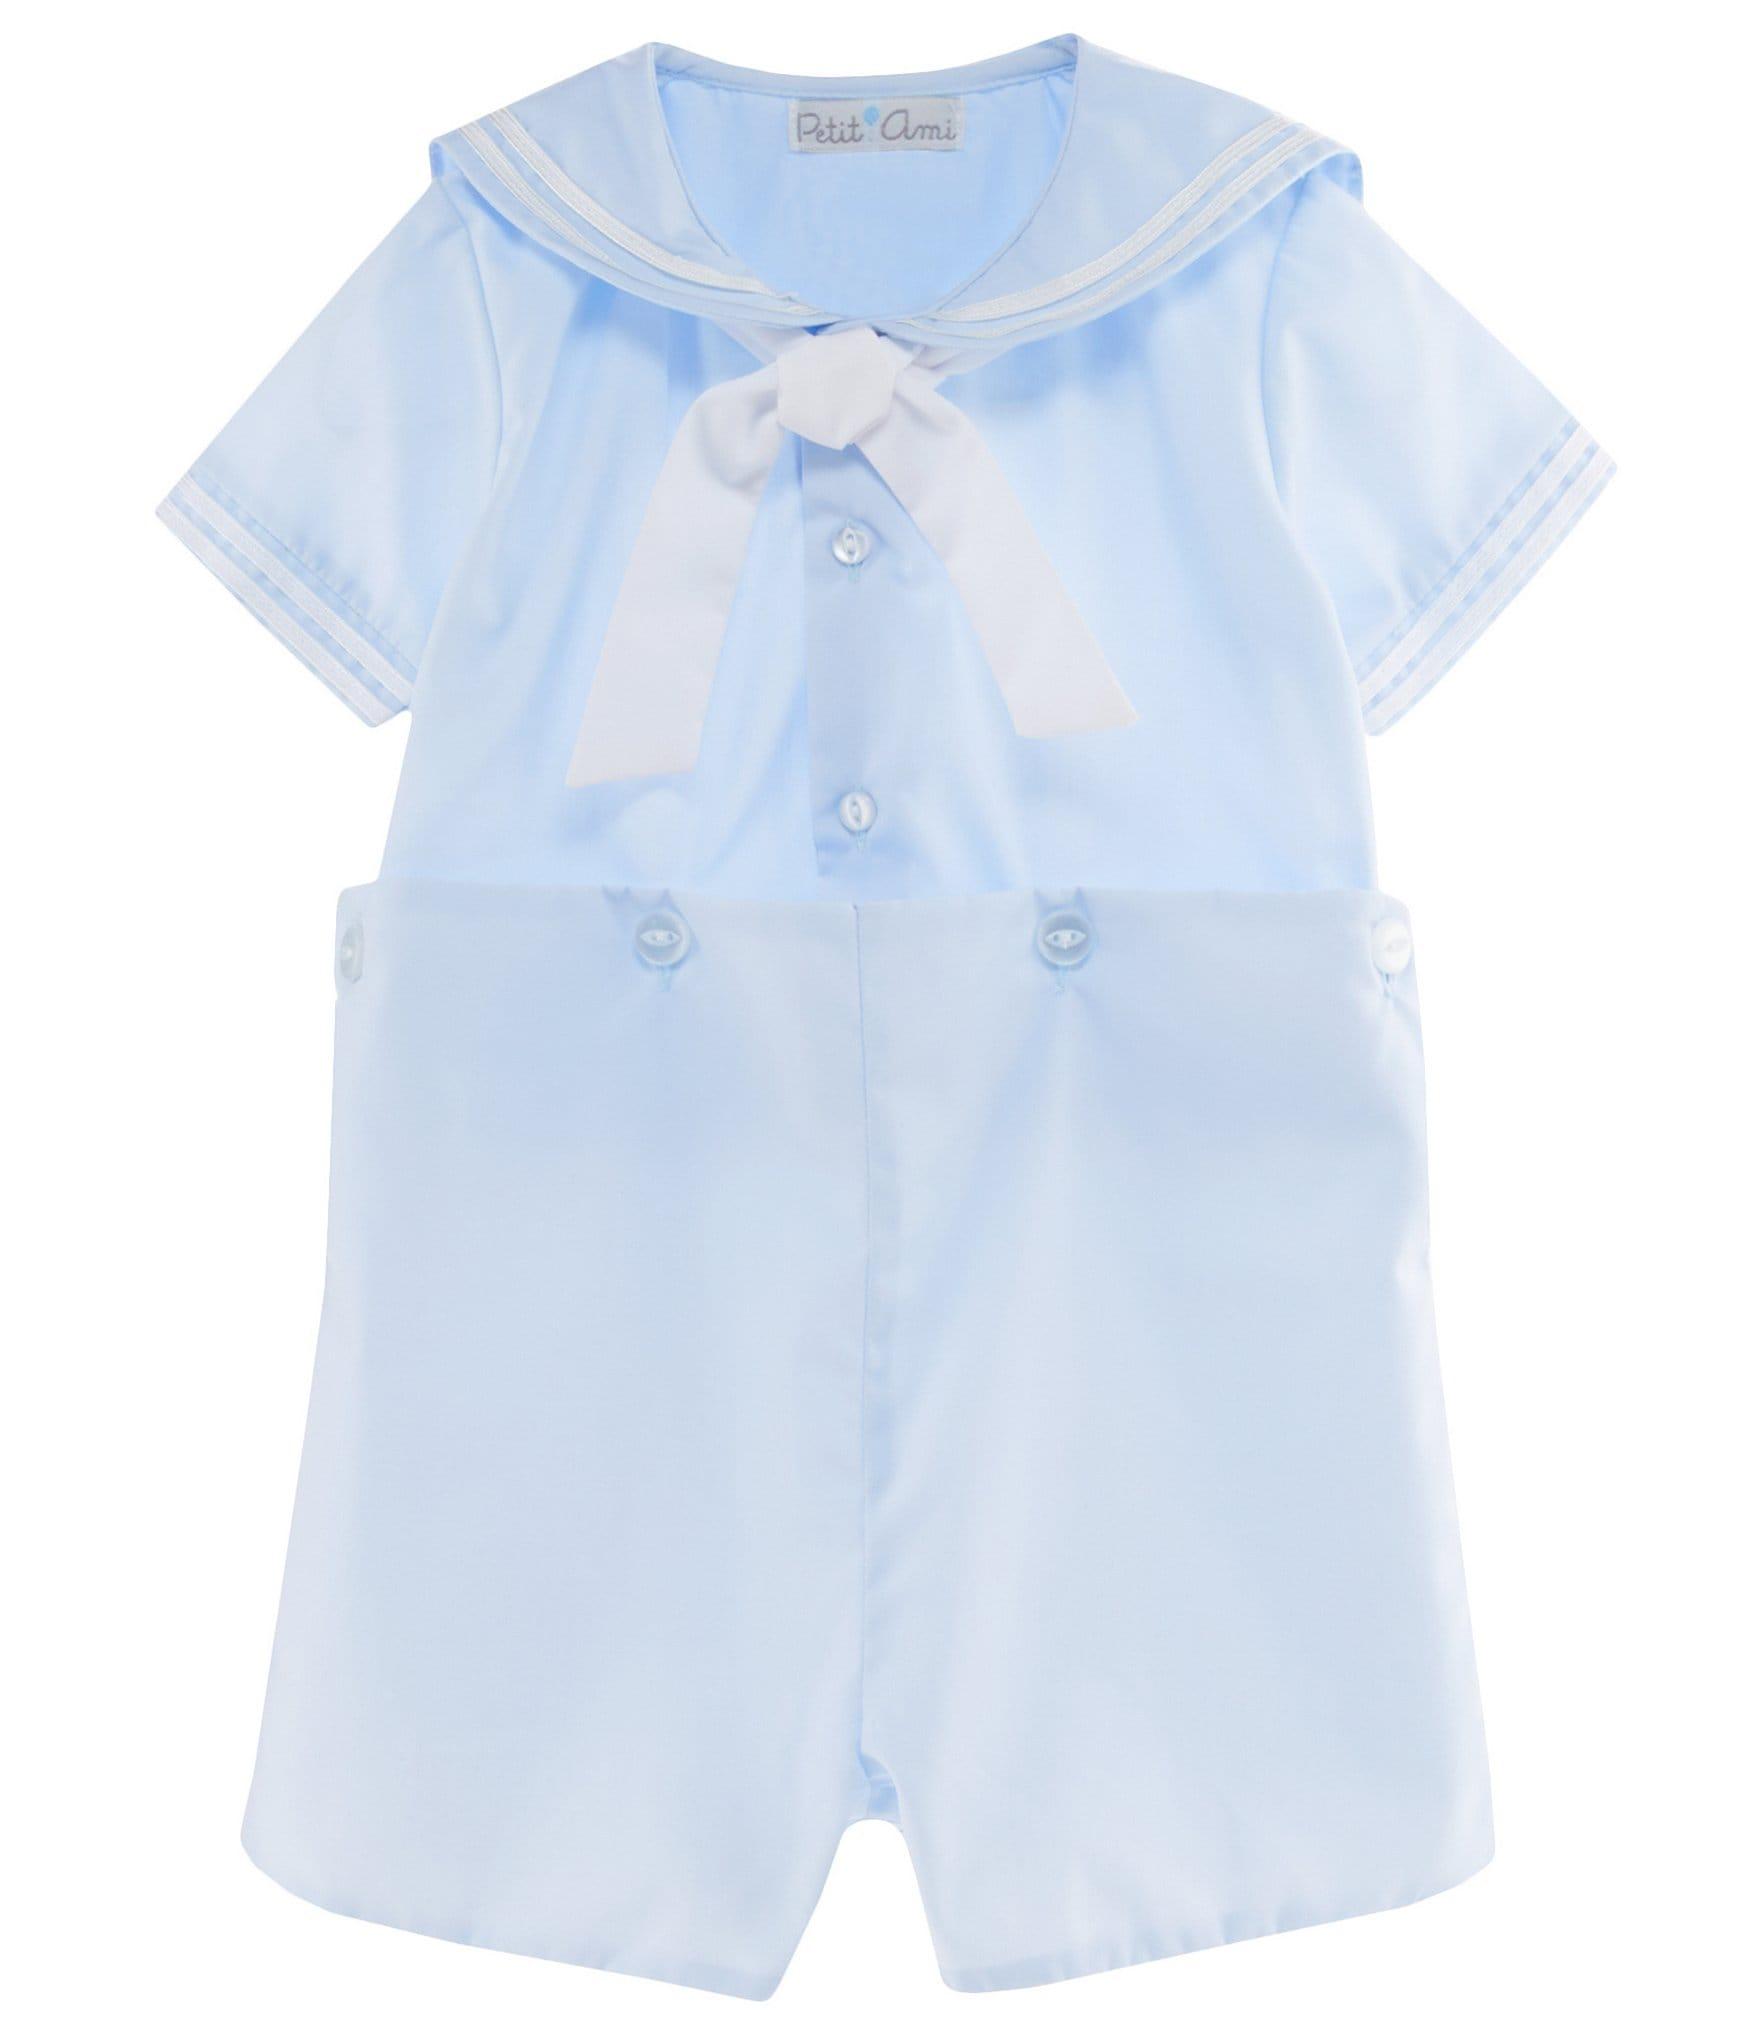 Petit Ami Sailor Set 3524 Short Slv Top Buttons To Shorts Blue 12 18 24M #10163